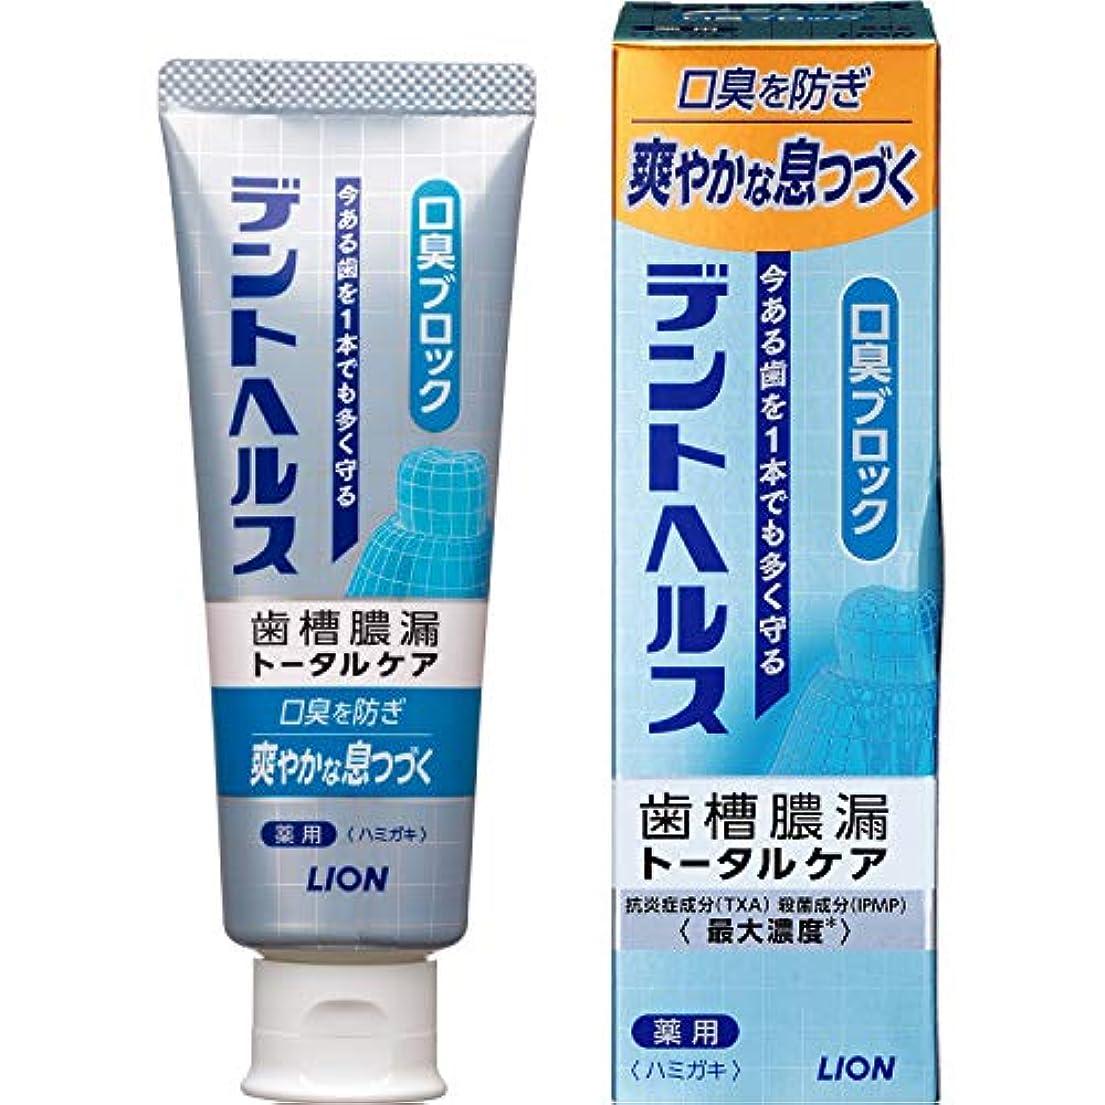 貸す唇結論歯槽膿漏予防に デントヘルス 薬用ハミガキ 口臭ブロック 85g